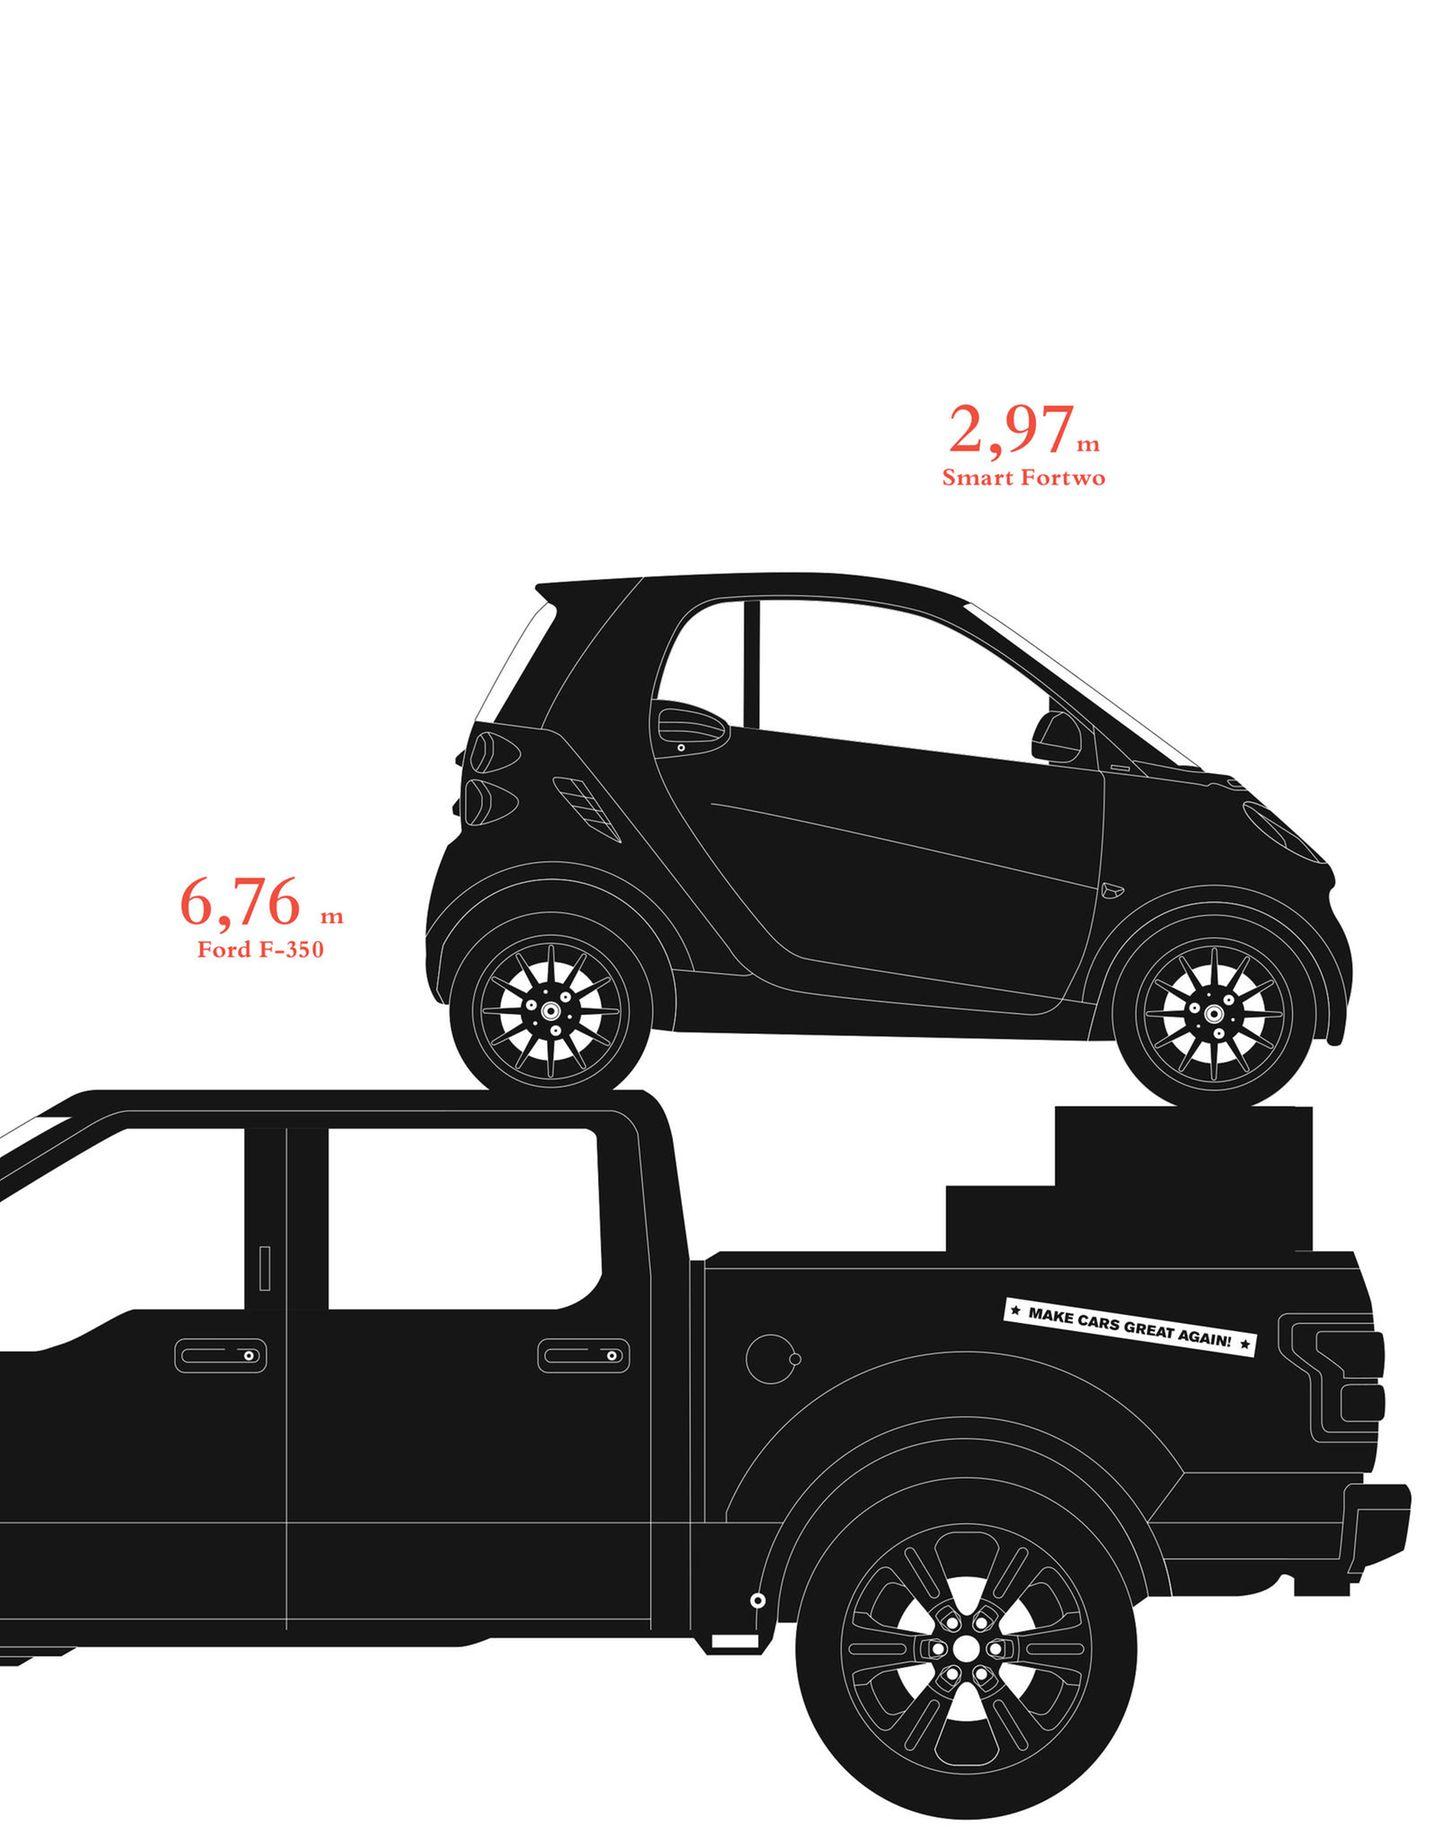 """Ein Smart Fortwo ist so winzig, dass er beinahe auf die Ladefläche des Ford F350 passt. Die Grafiken in """"Size Matters"""" sind nicht nur übersichtlich und machen die Verhältnisse auf Anhieb klar, sie lohnen auch einen zweiten Blick. Immer wieder befinden sich auf den Bildern nette Details - wie der Aufkleber """"Make Cars Great Again!"""" auf dem Ford."""